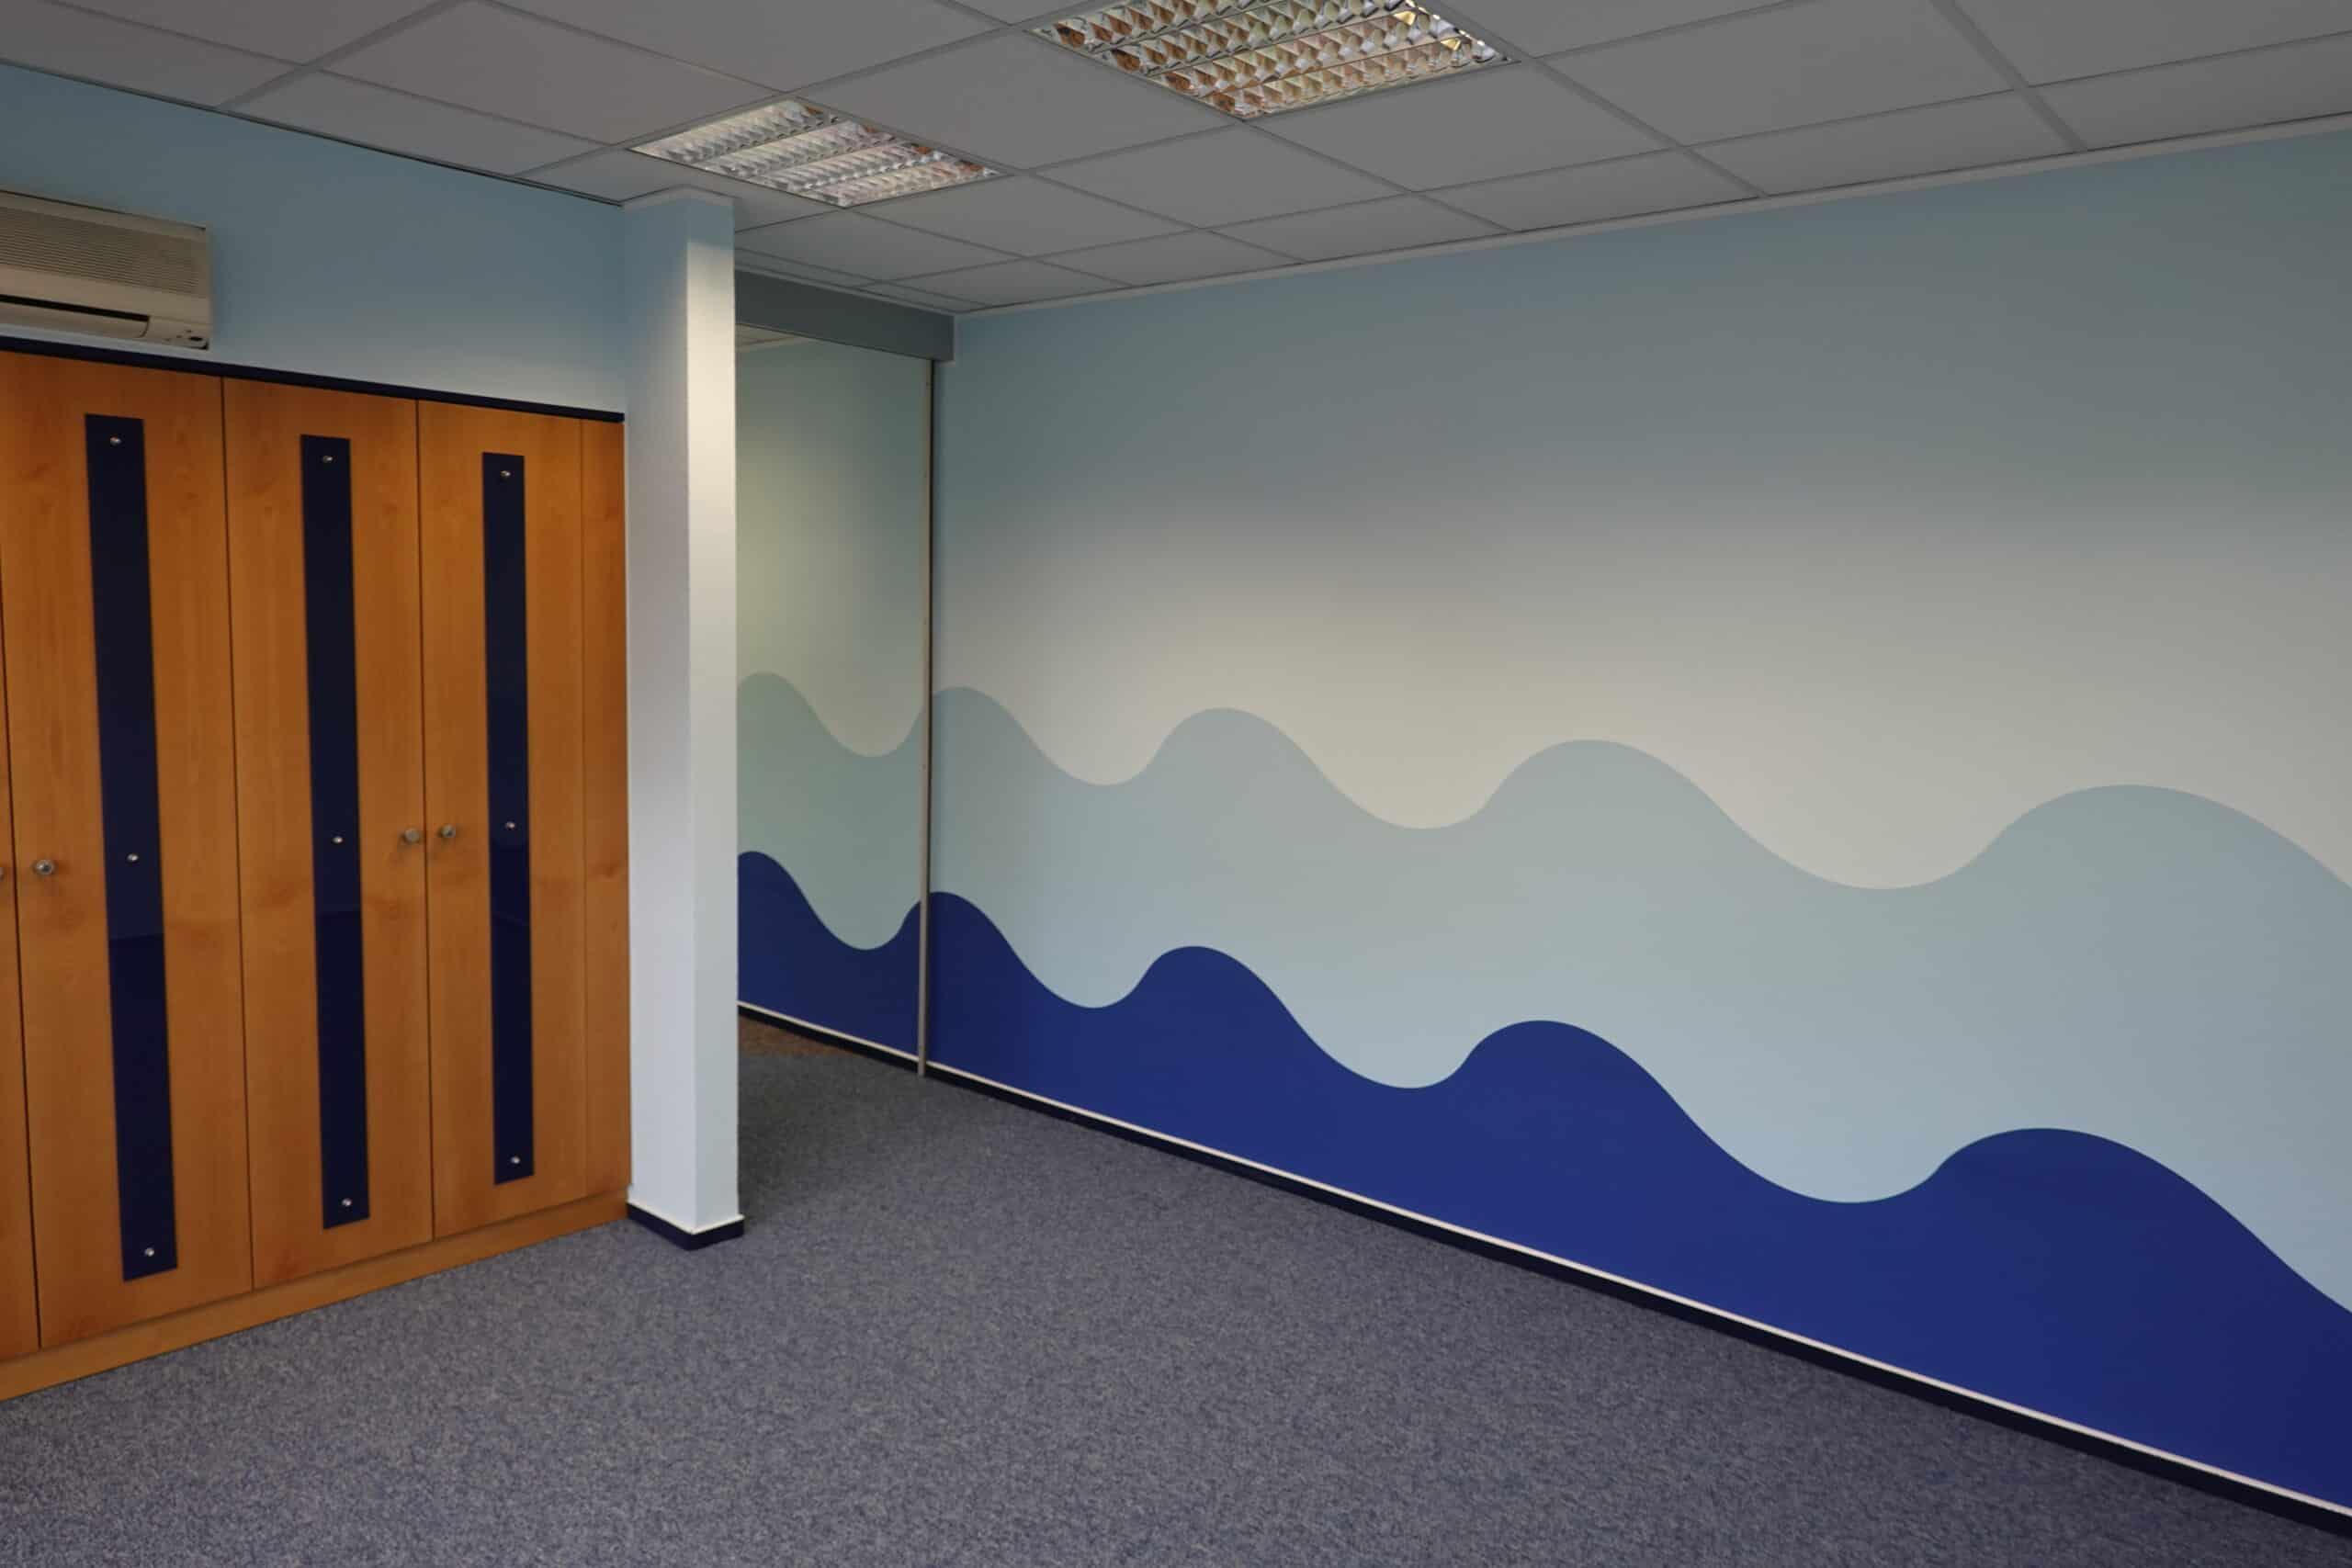 Welle Zeichnung an der Wand